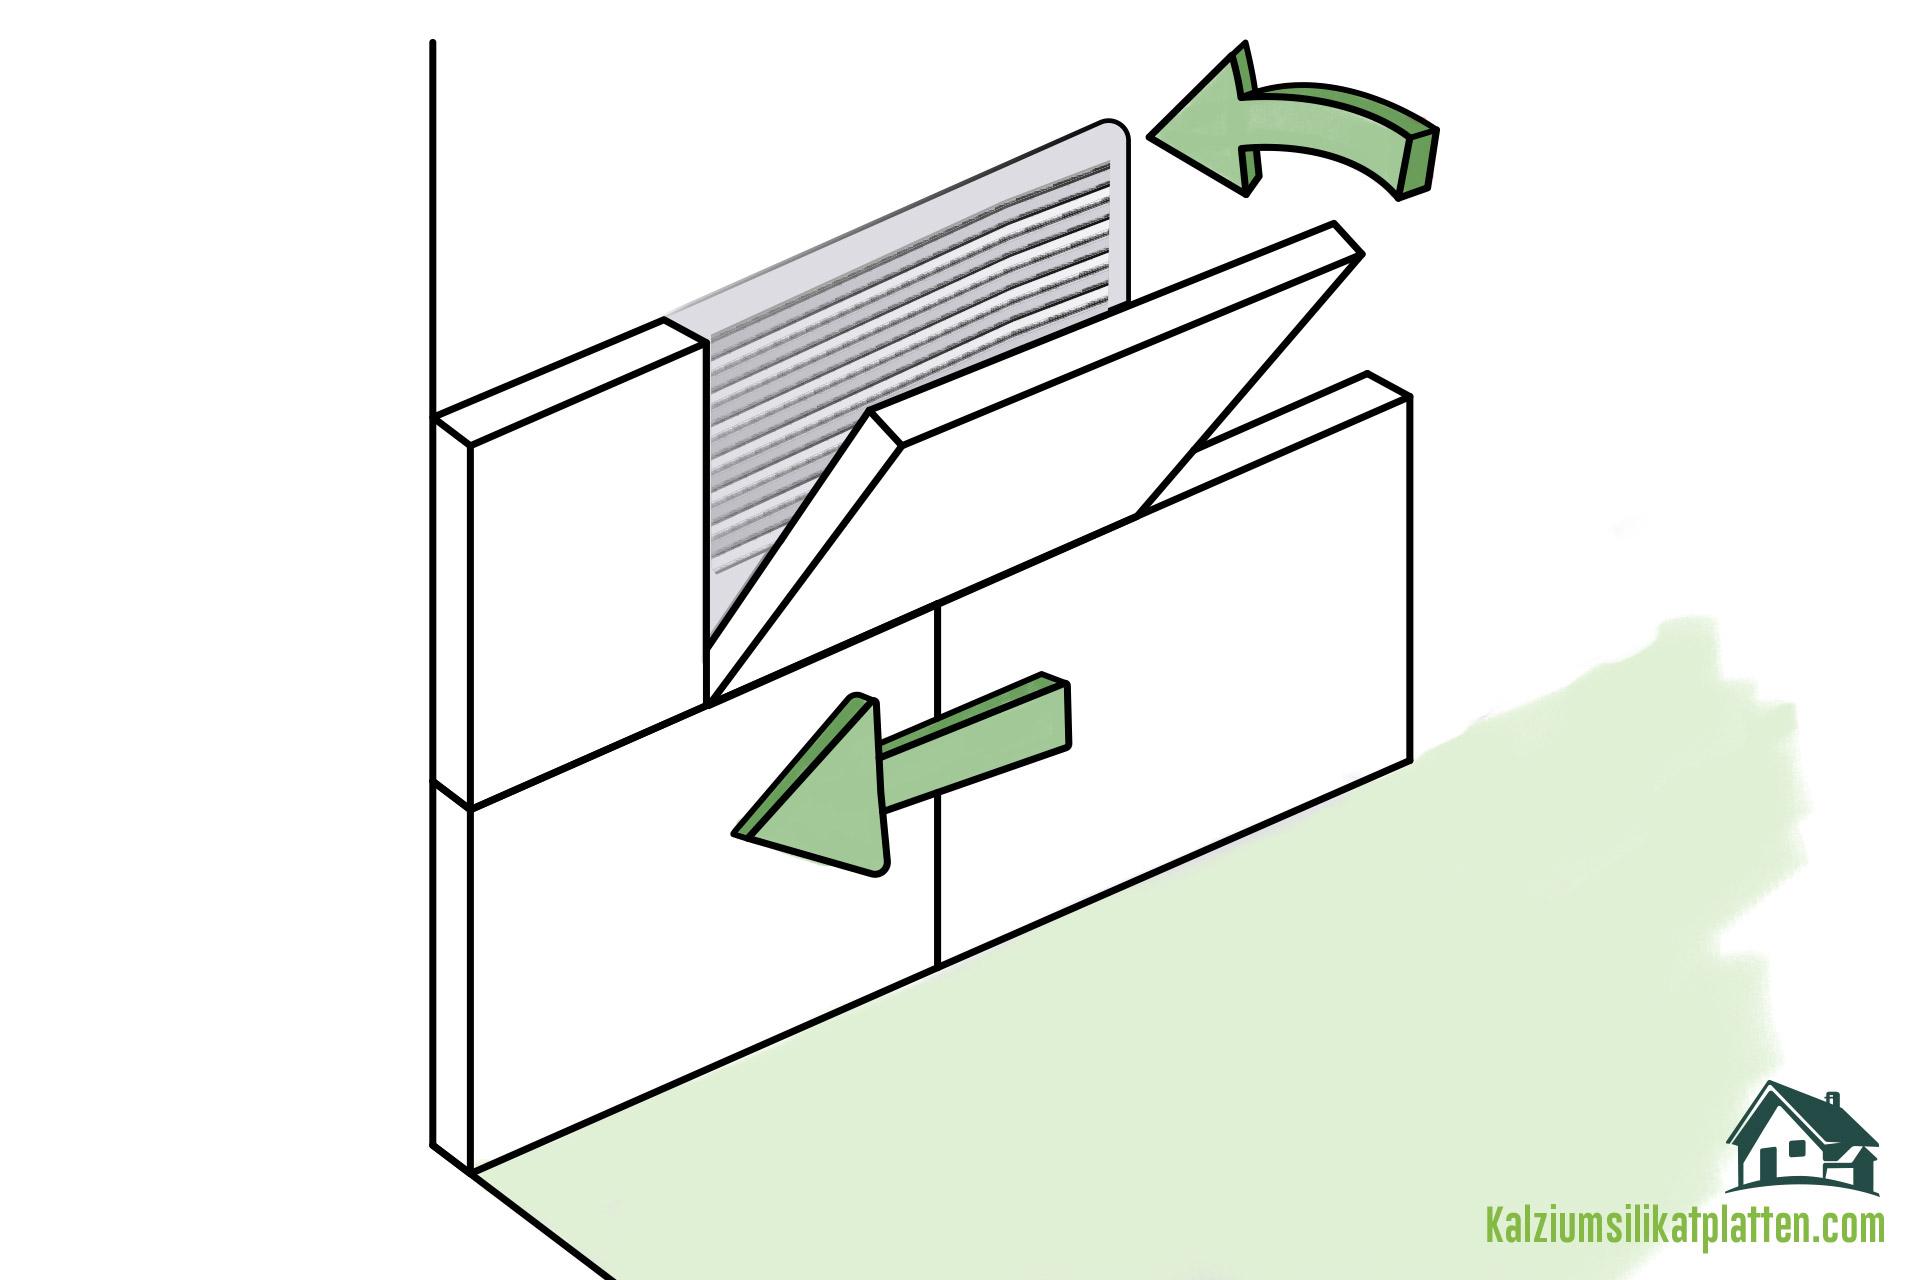 Anleitung zur Verarbeitung von Kalziumsilikatplatten: Anbringen der Kalziumsilikatplatte an die Wand